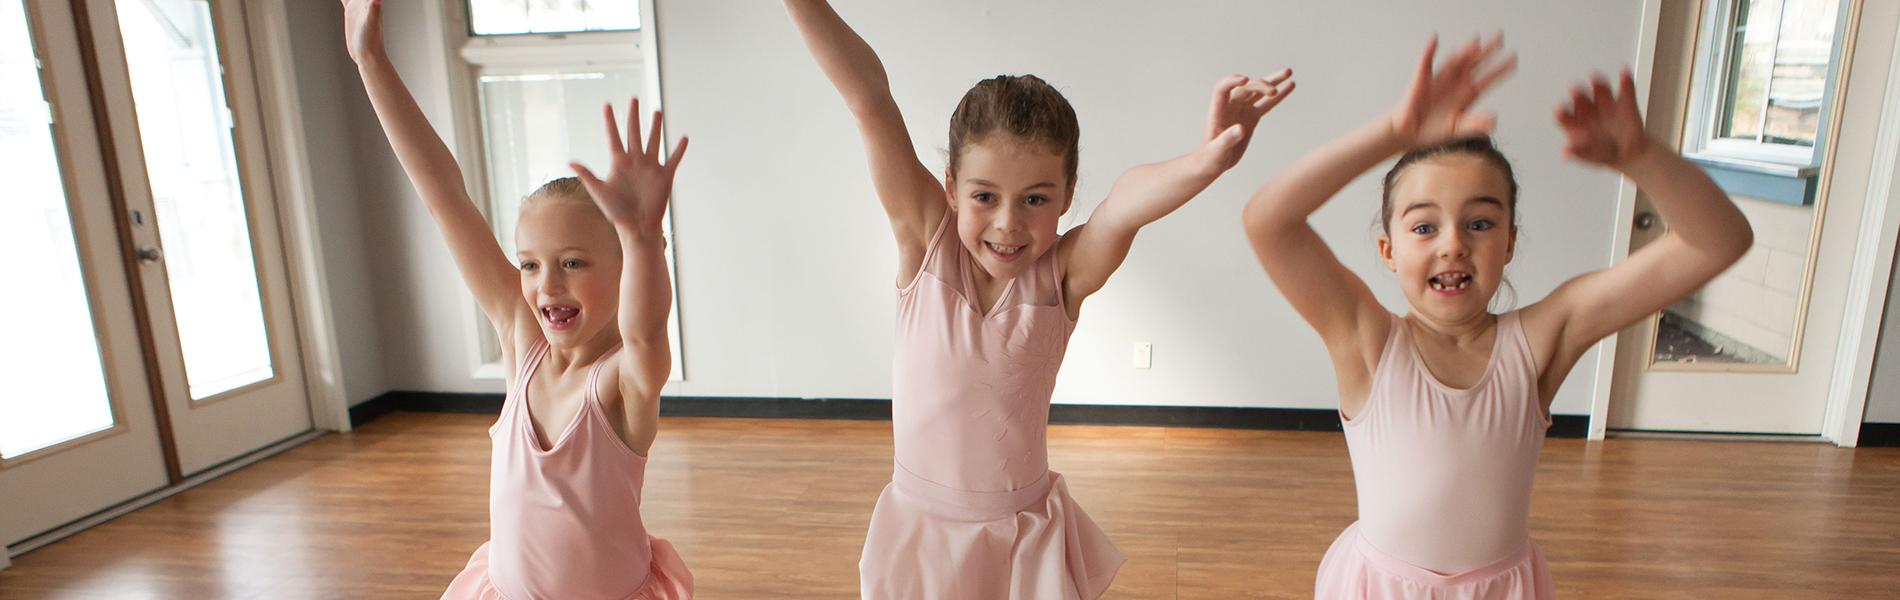 Willow Ridge Calgary Free Day of Dance